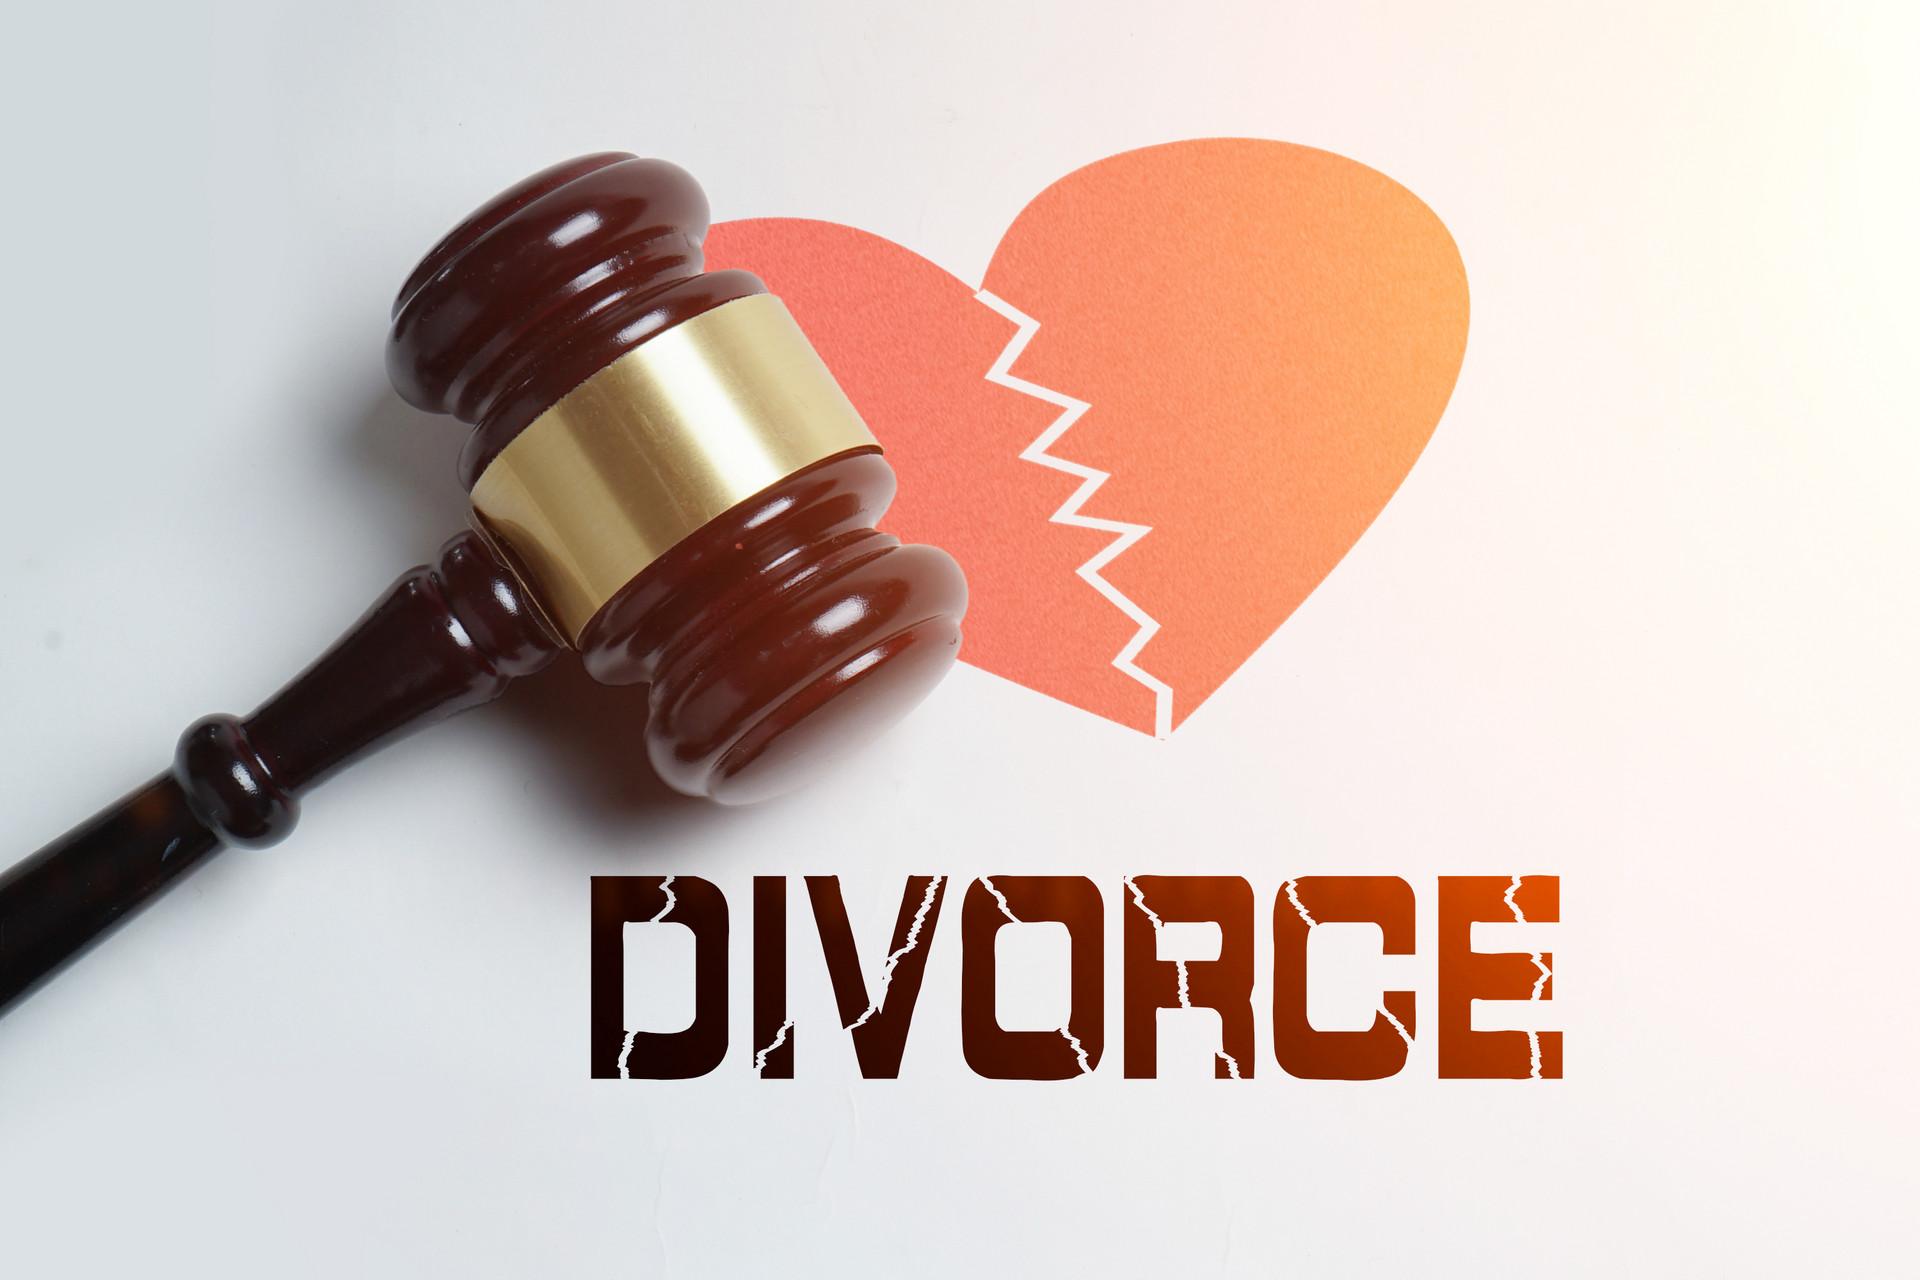 离婚的法律程序是怎样的?要离婚结婚证不见了怎么办?